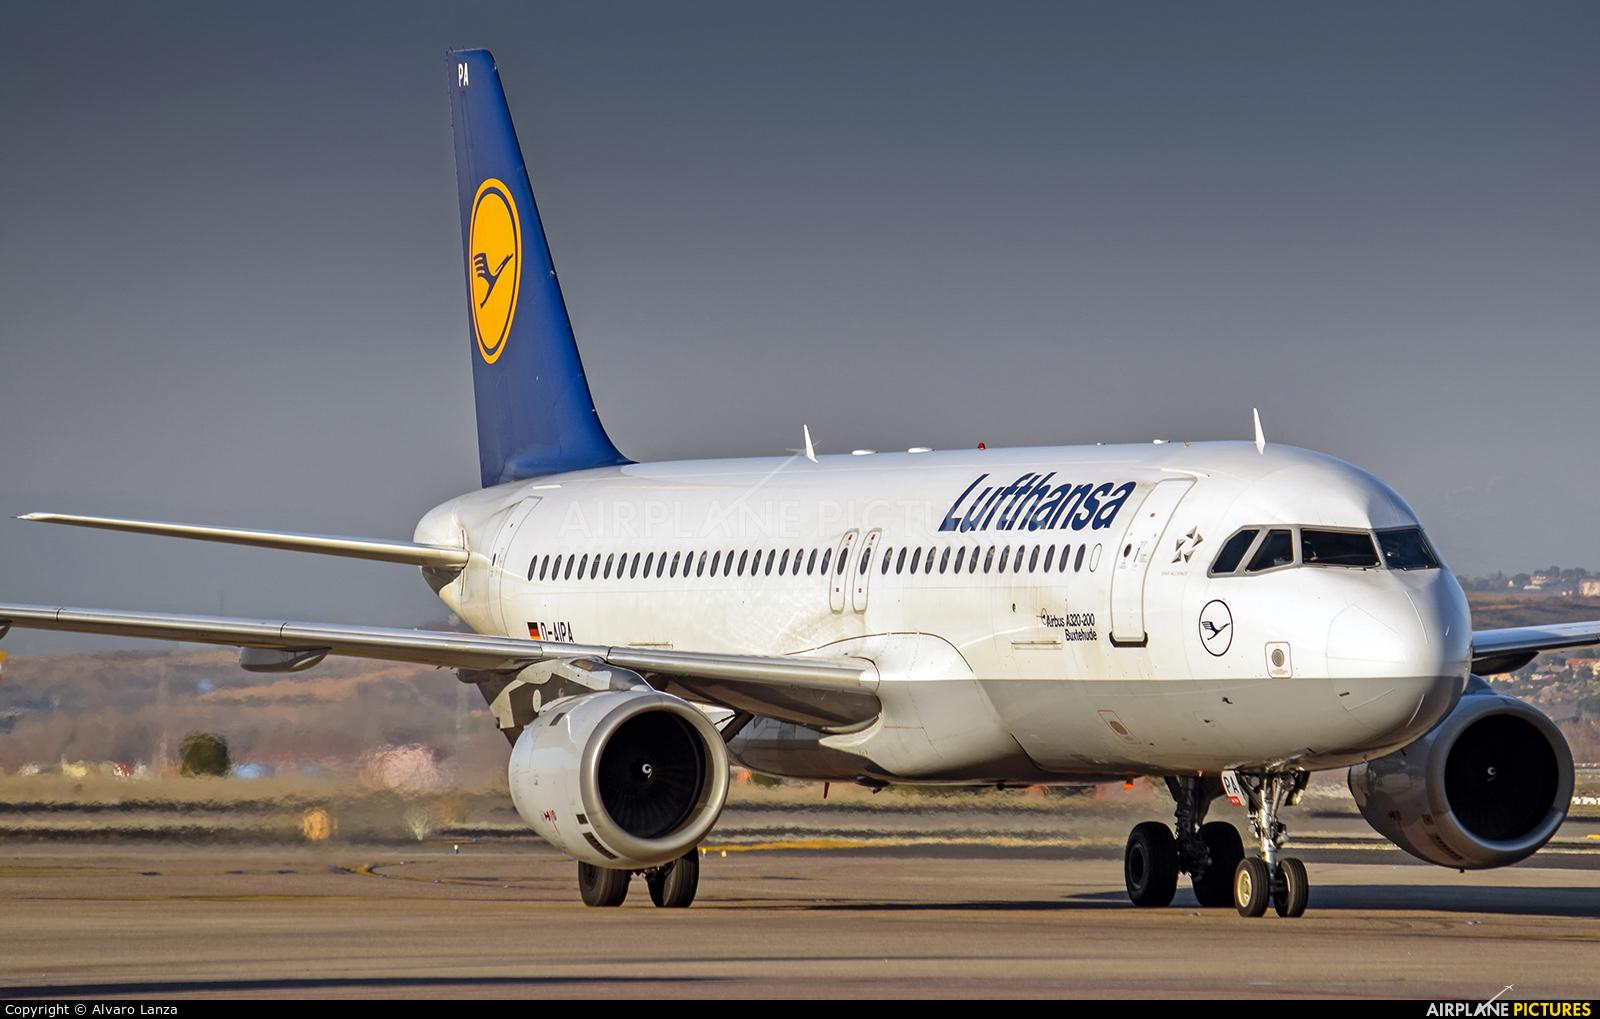 Lufthansa D-AIPA aircraft at Madrid - Barajas